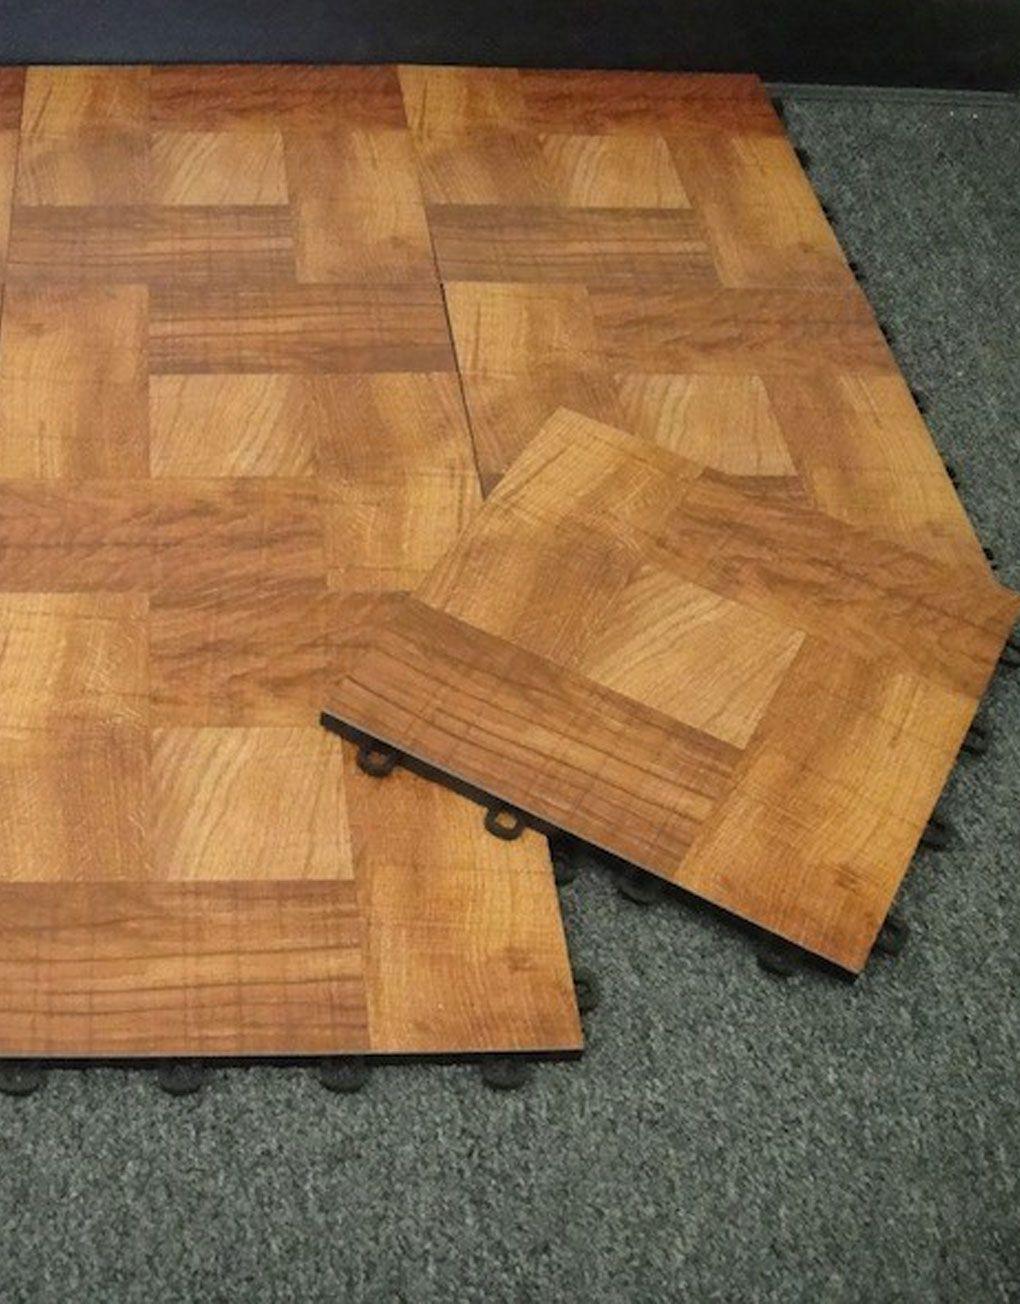 Interlocking vinyl top wood modular laminate tile flooring interlocking vinyl top wood modular laminate tile flooring doublecrazyfo Gallery